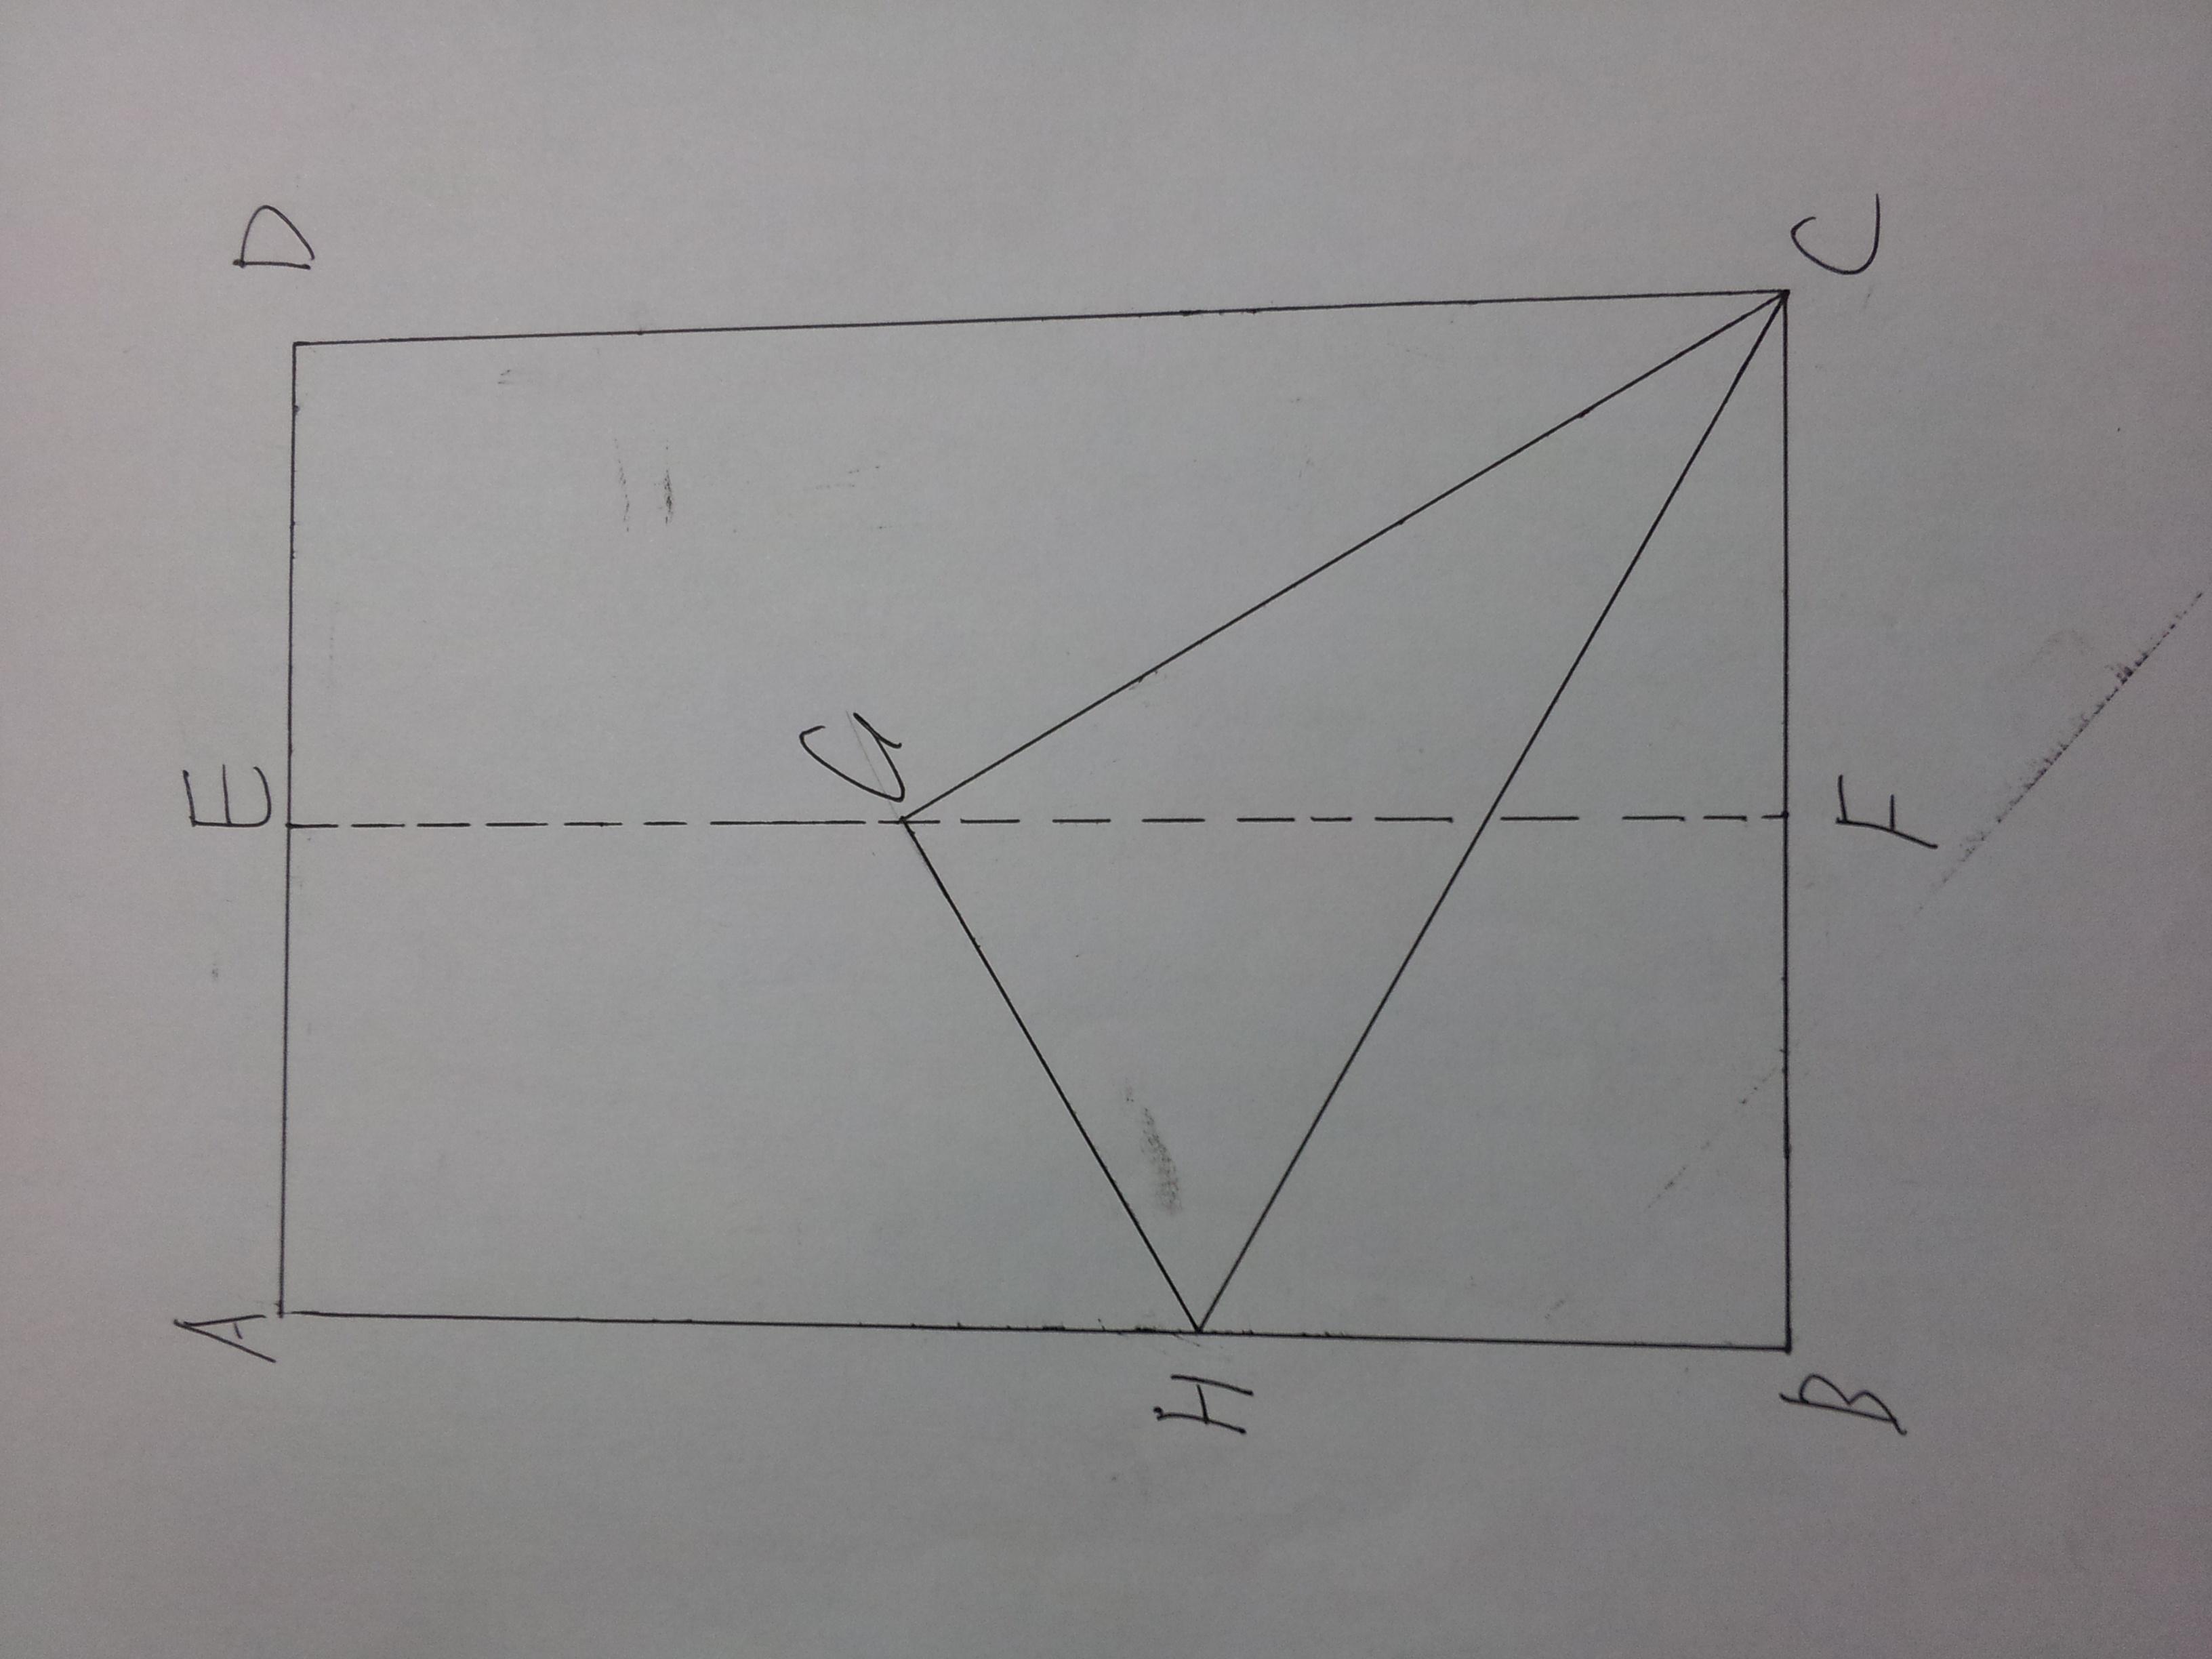 正方形的题